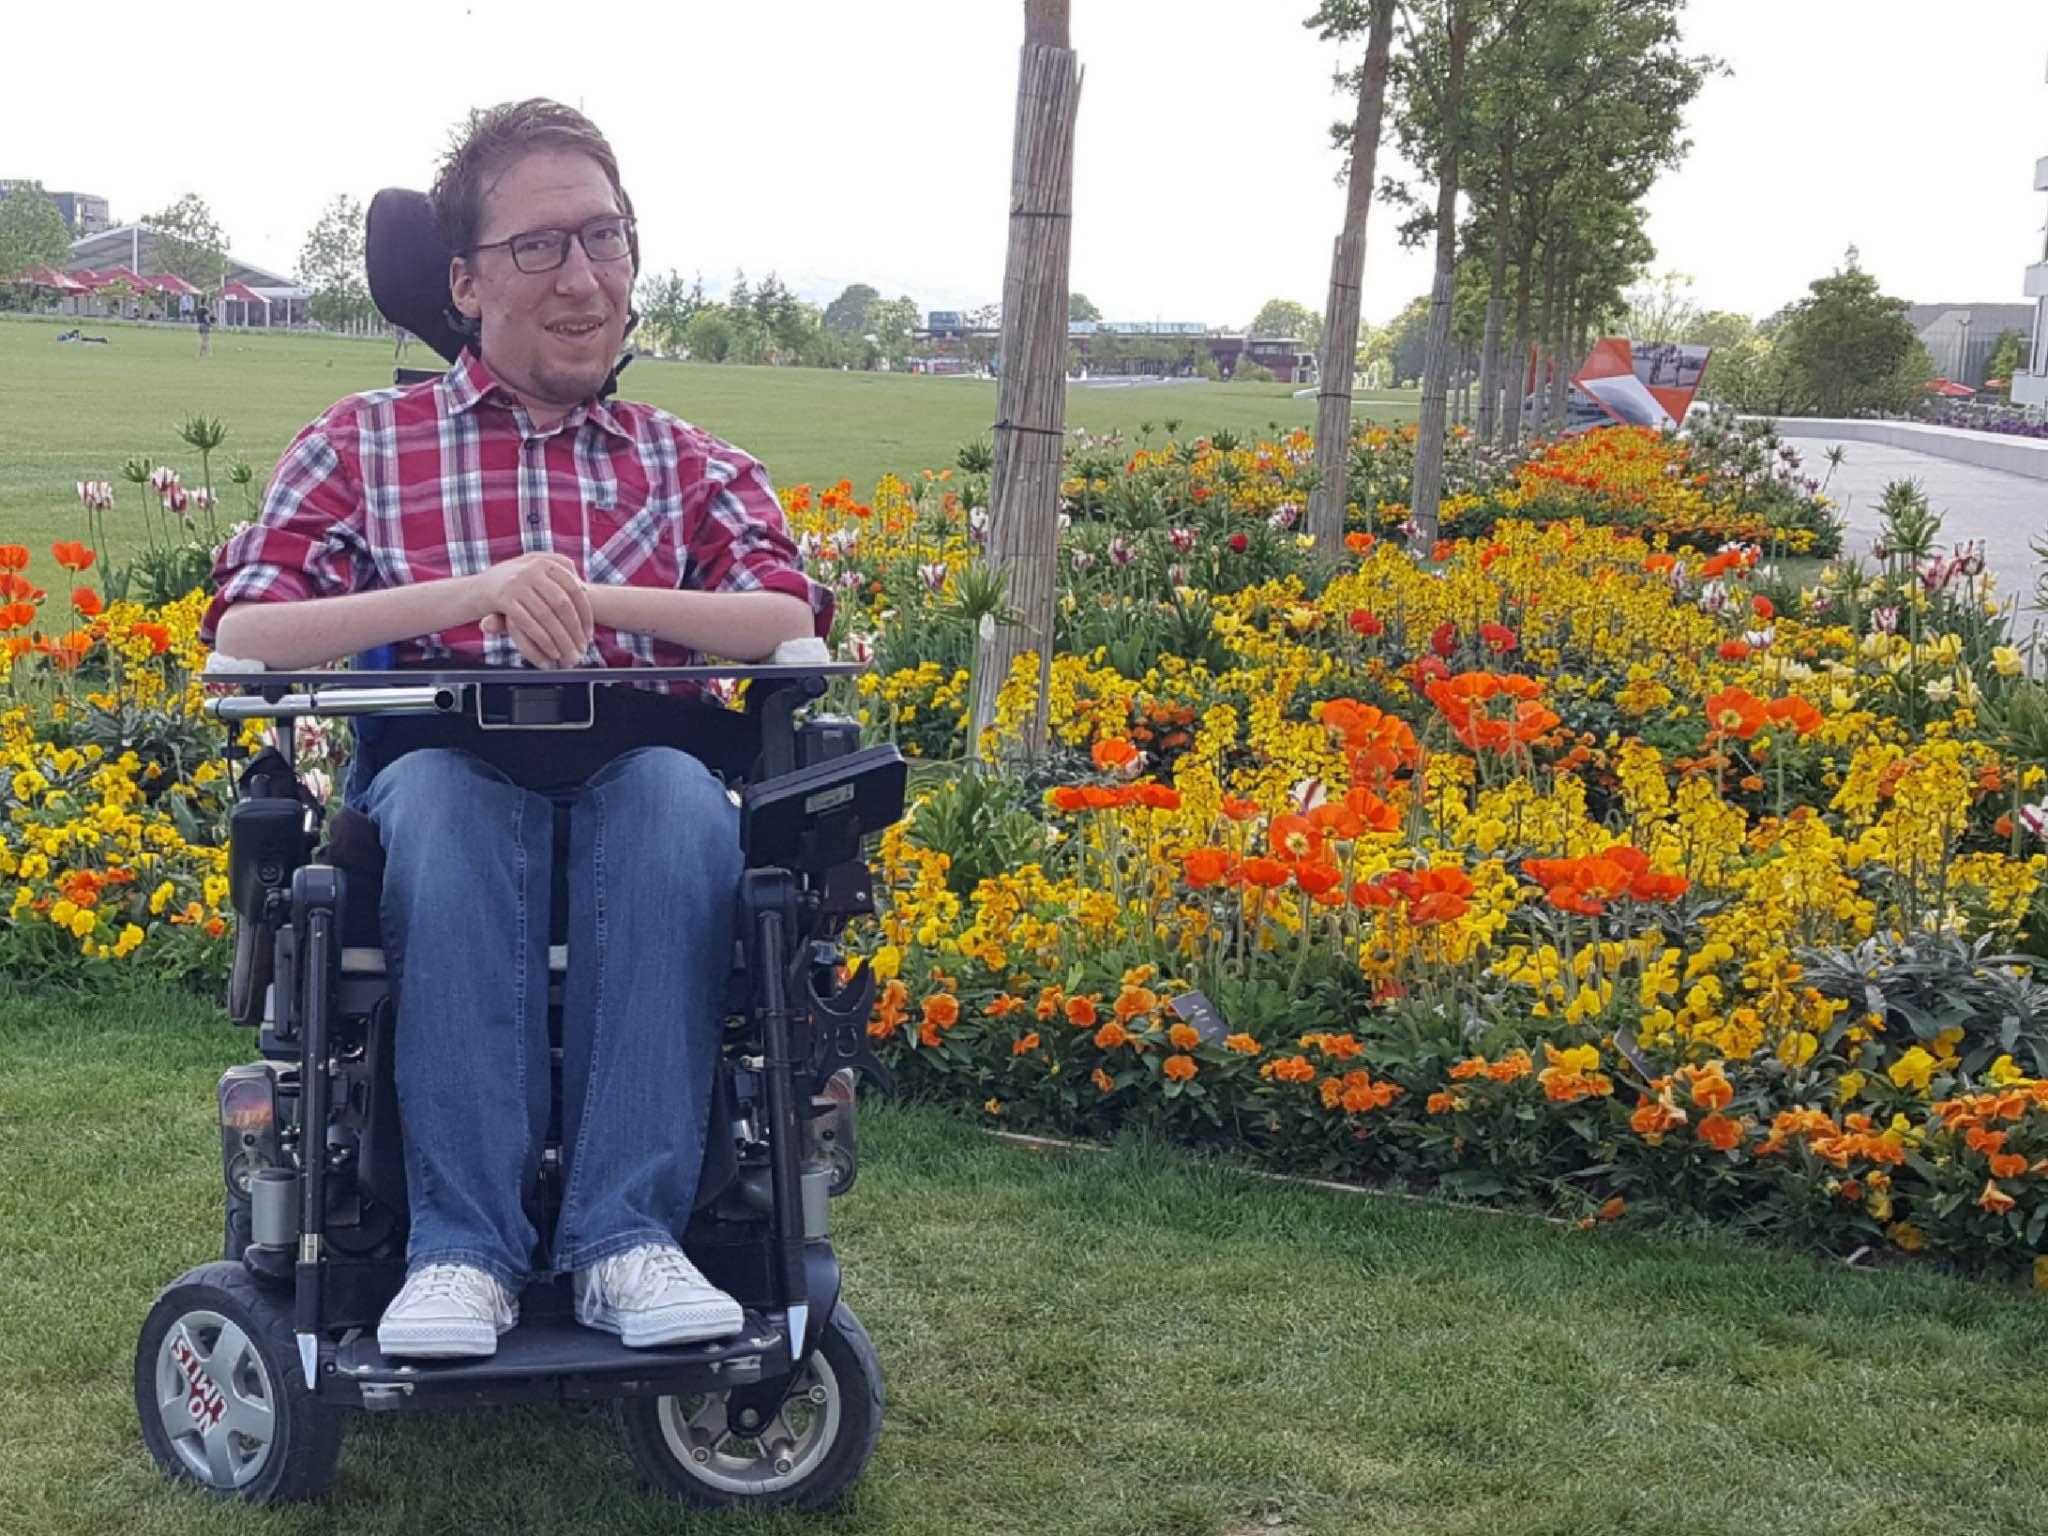 Julian Wendel erzählt im Interview von dem Leben mit Behinderung in Würzburg. Foto: Raimund Wendel.